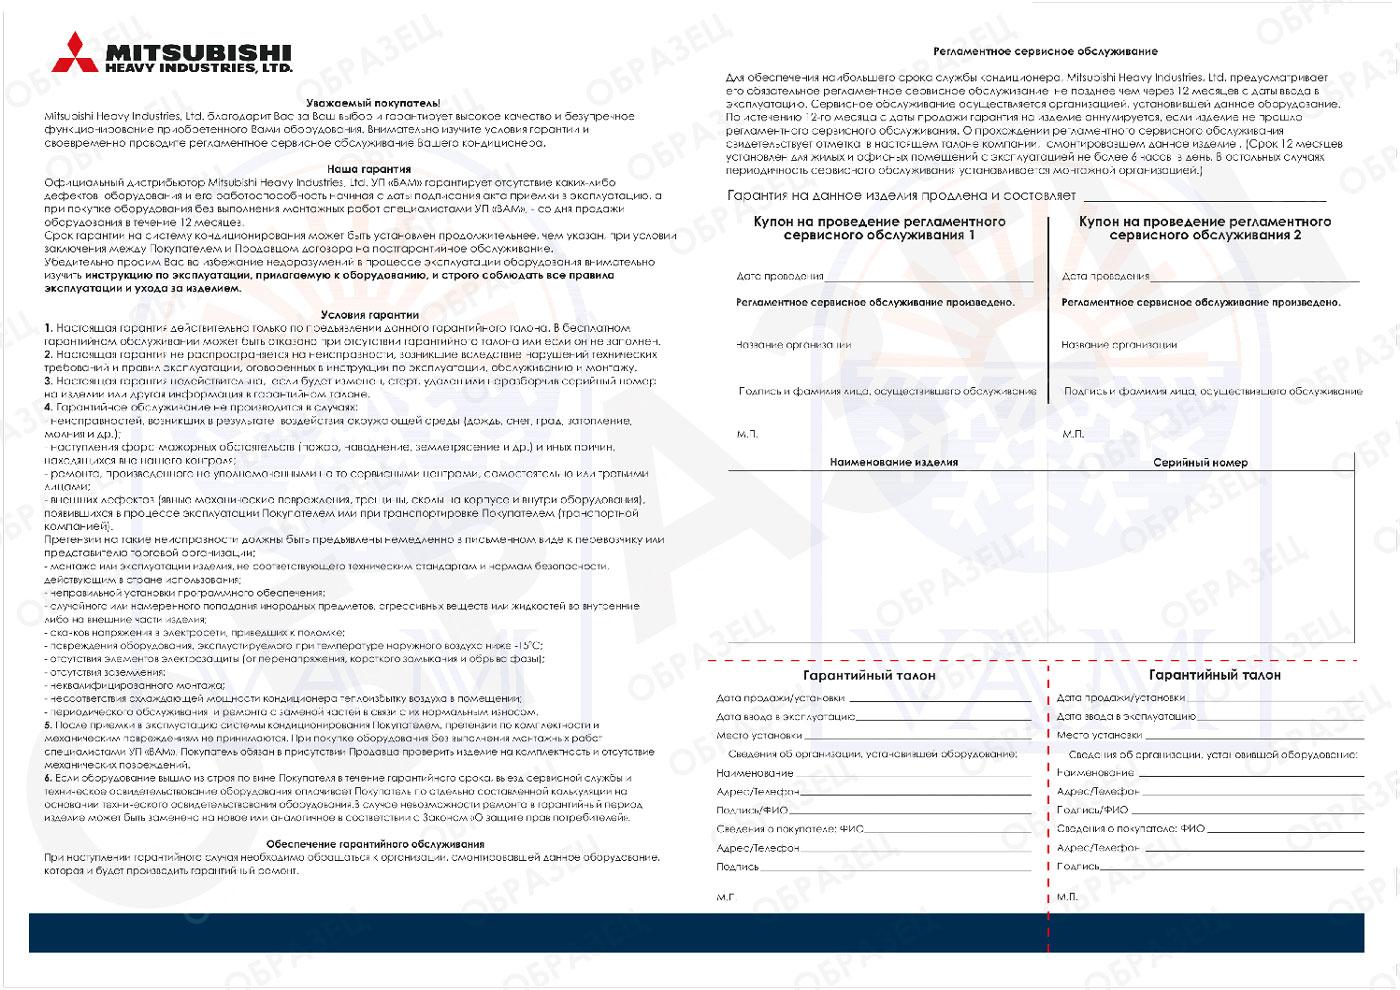 Проведение сервисного обслуживания кондиционеров обслуживание кондиционеров оквэд 2017